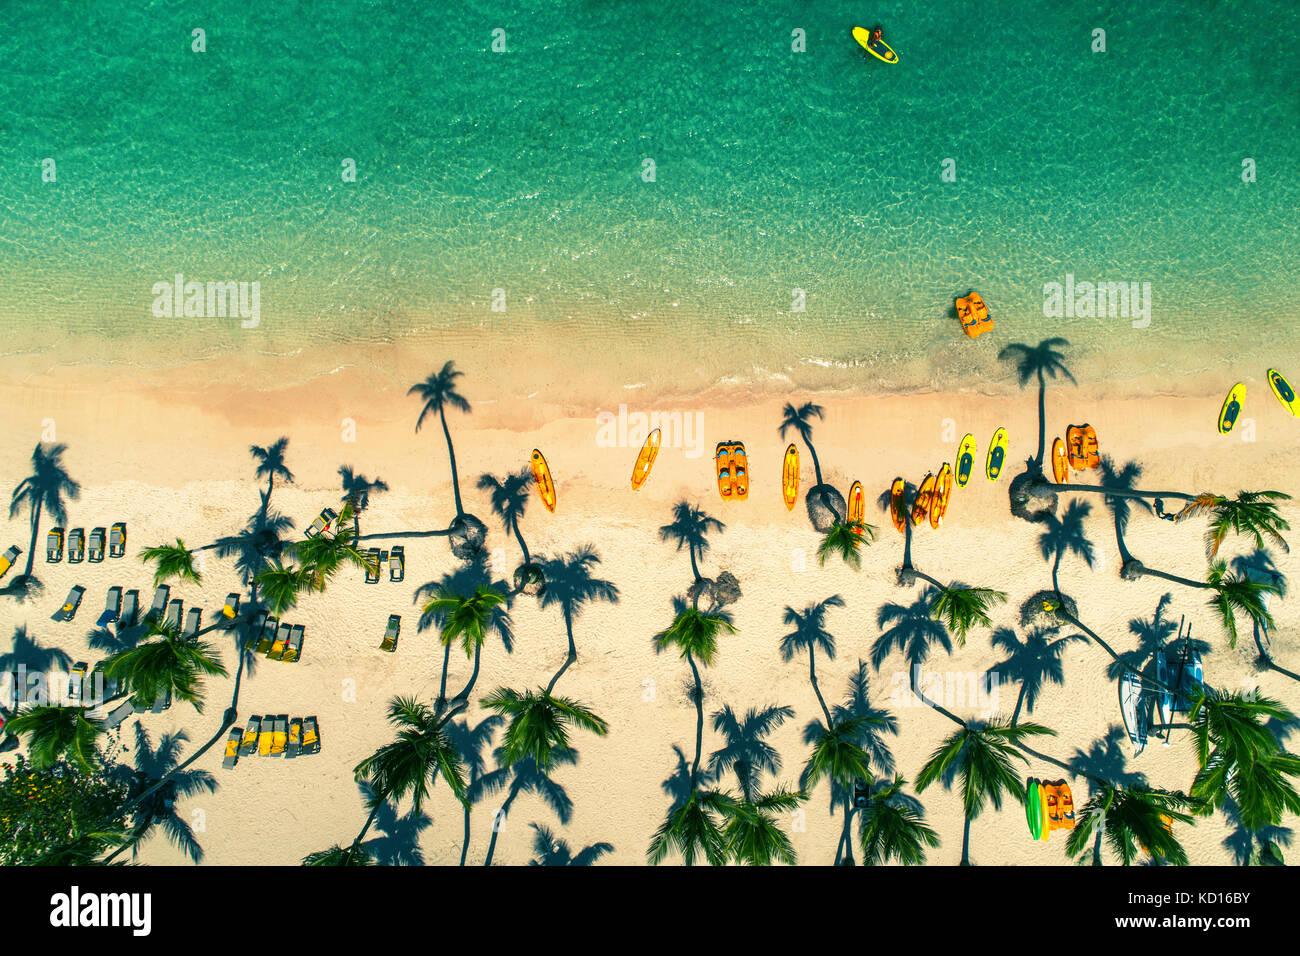 Vista aérea del complejo turístico del caribe, Bávaro, República Dominicana Imagen De Stock